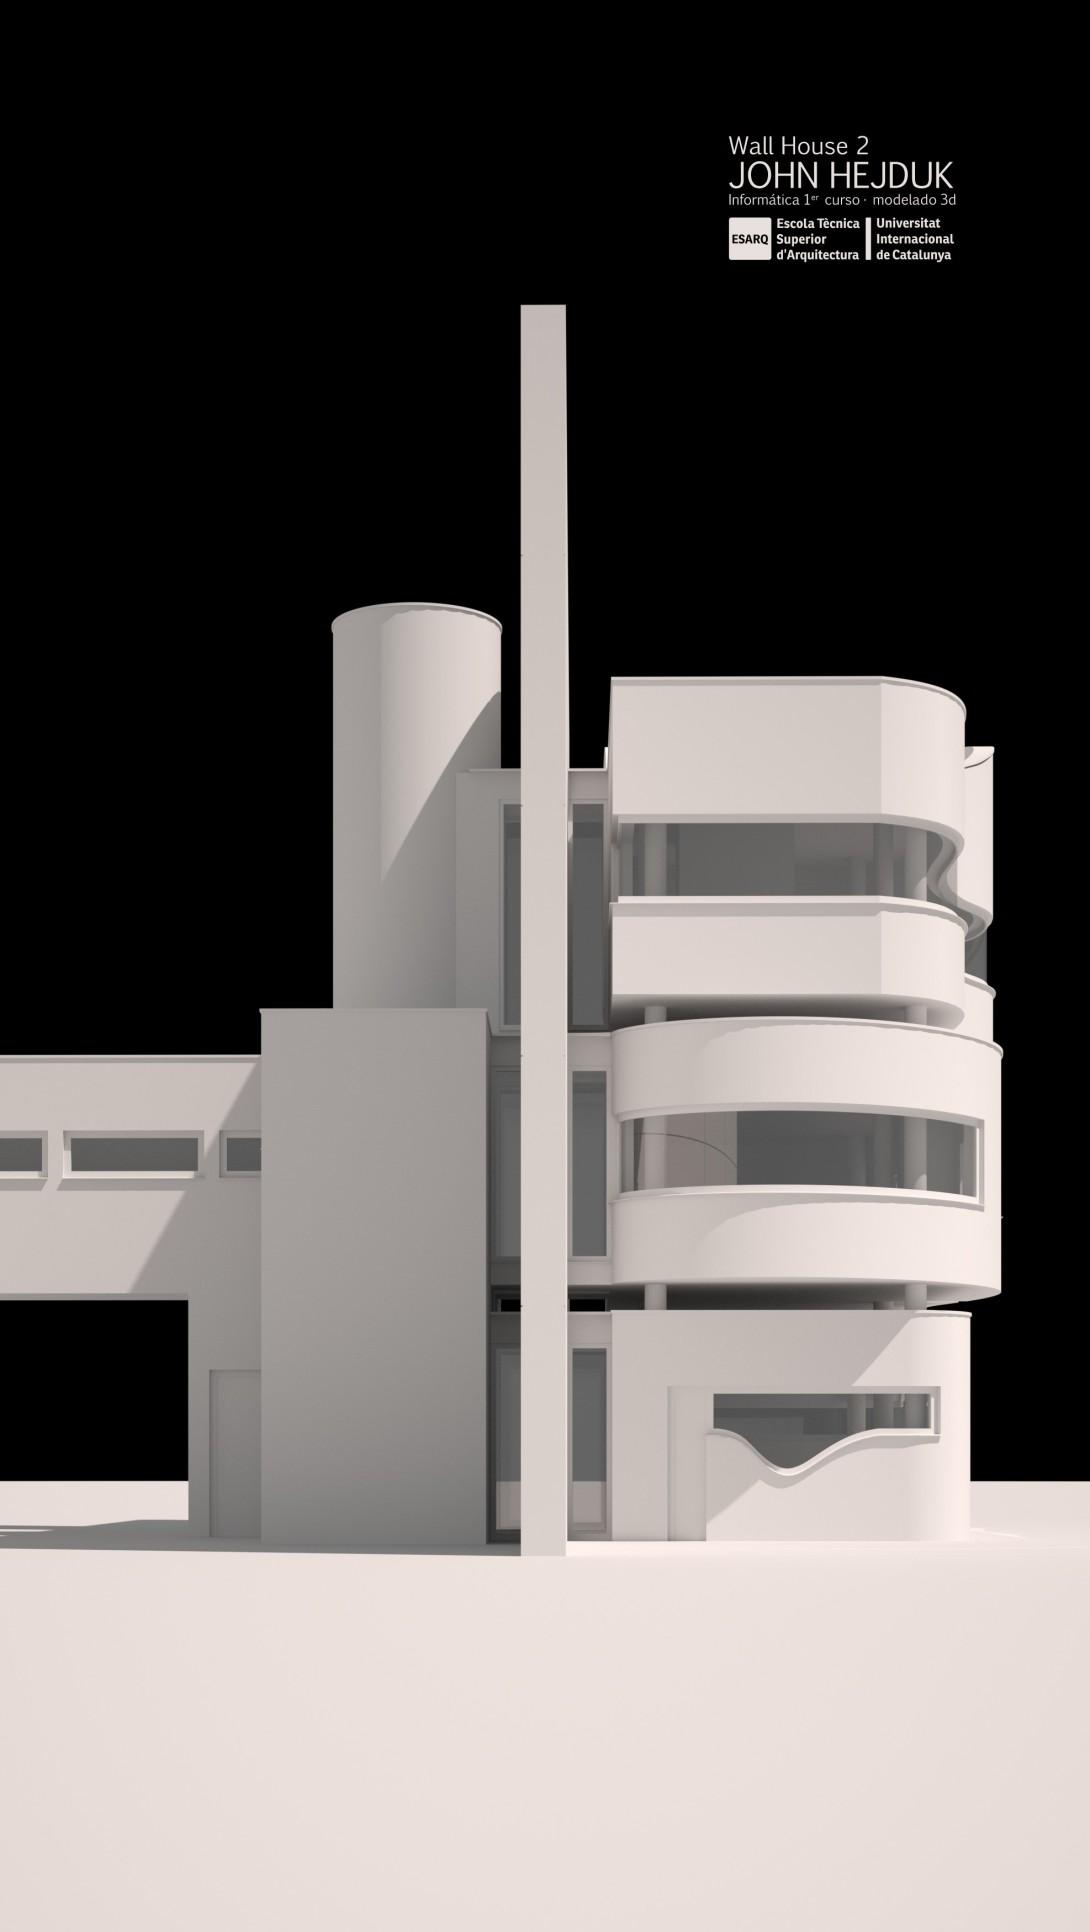 Asignatura Esarq Inform Tica School Of Architecture